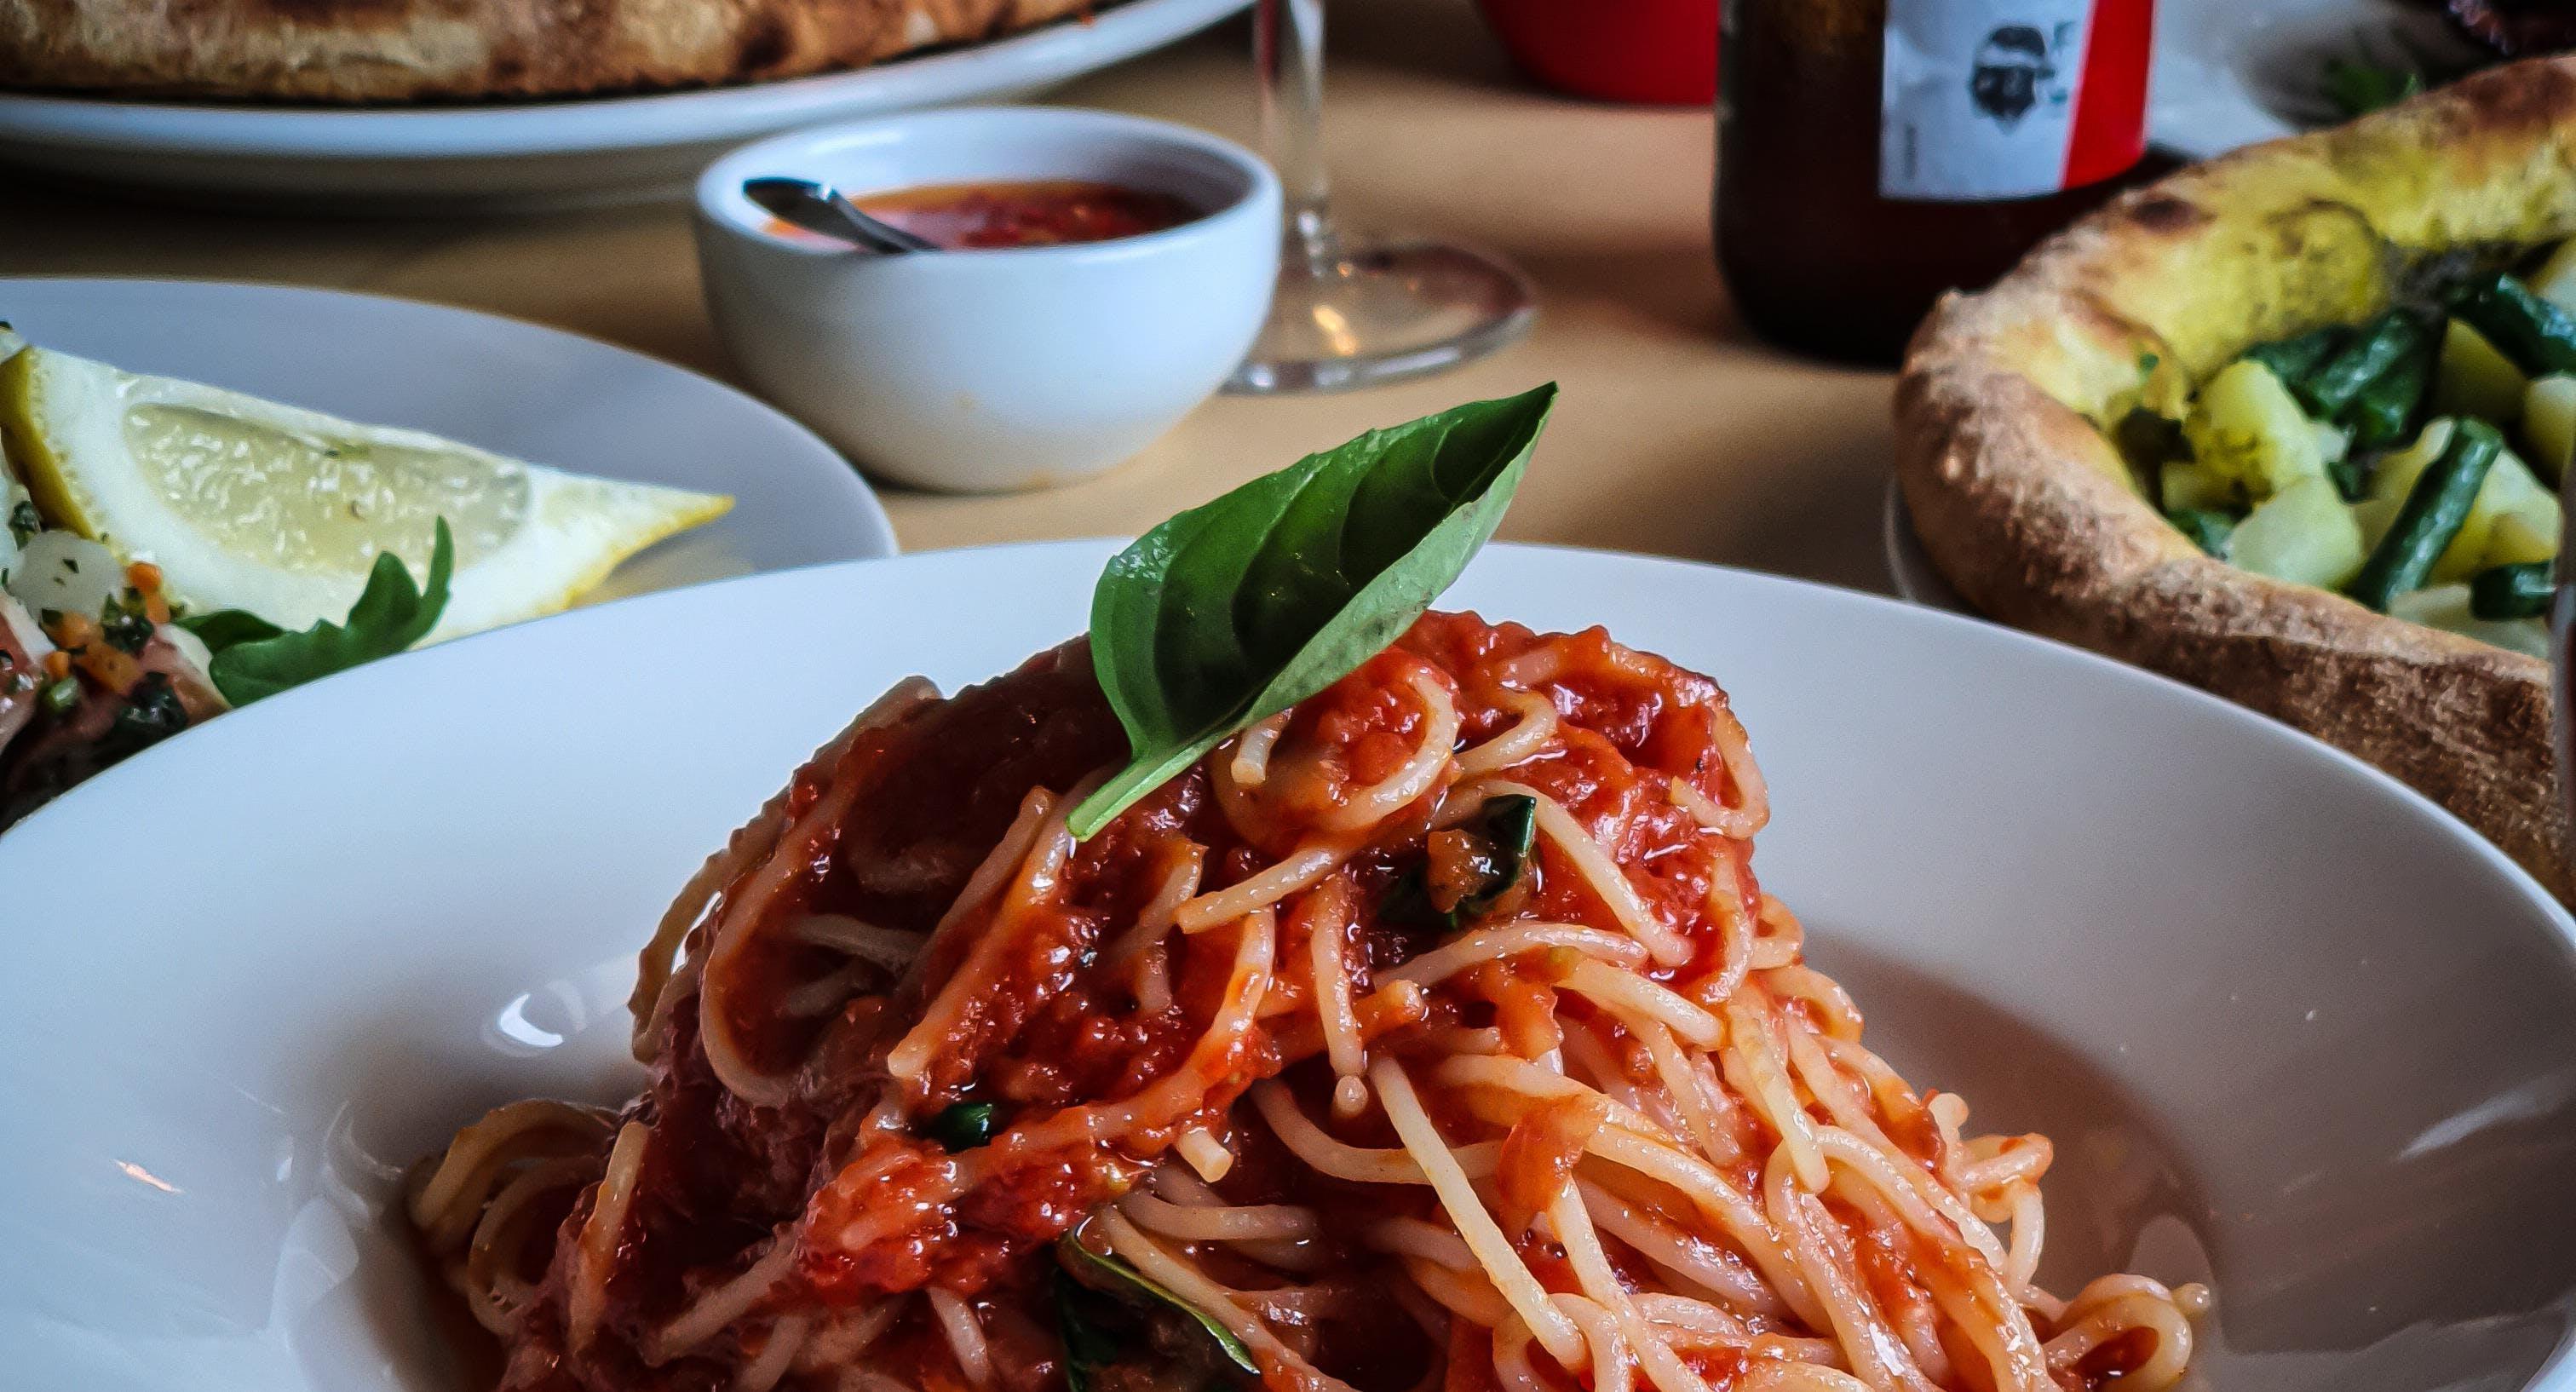 Pasta Italia Cucina & Pastificio